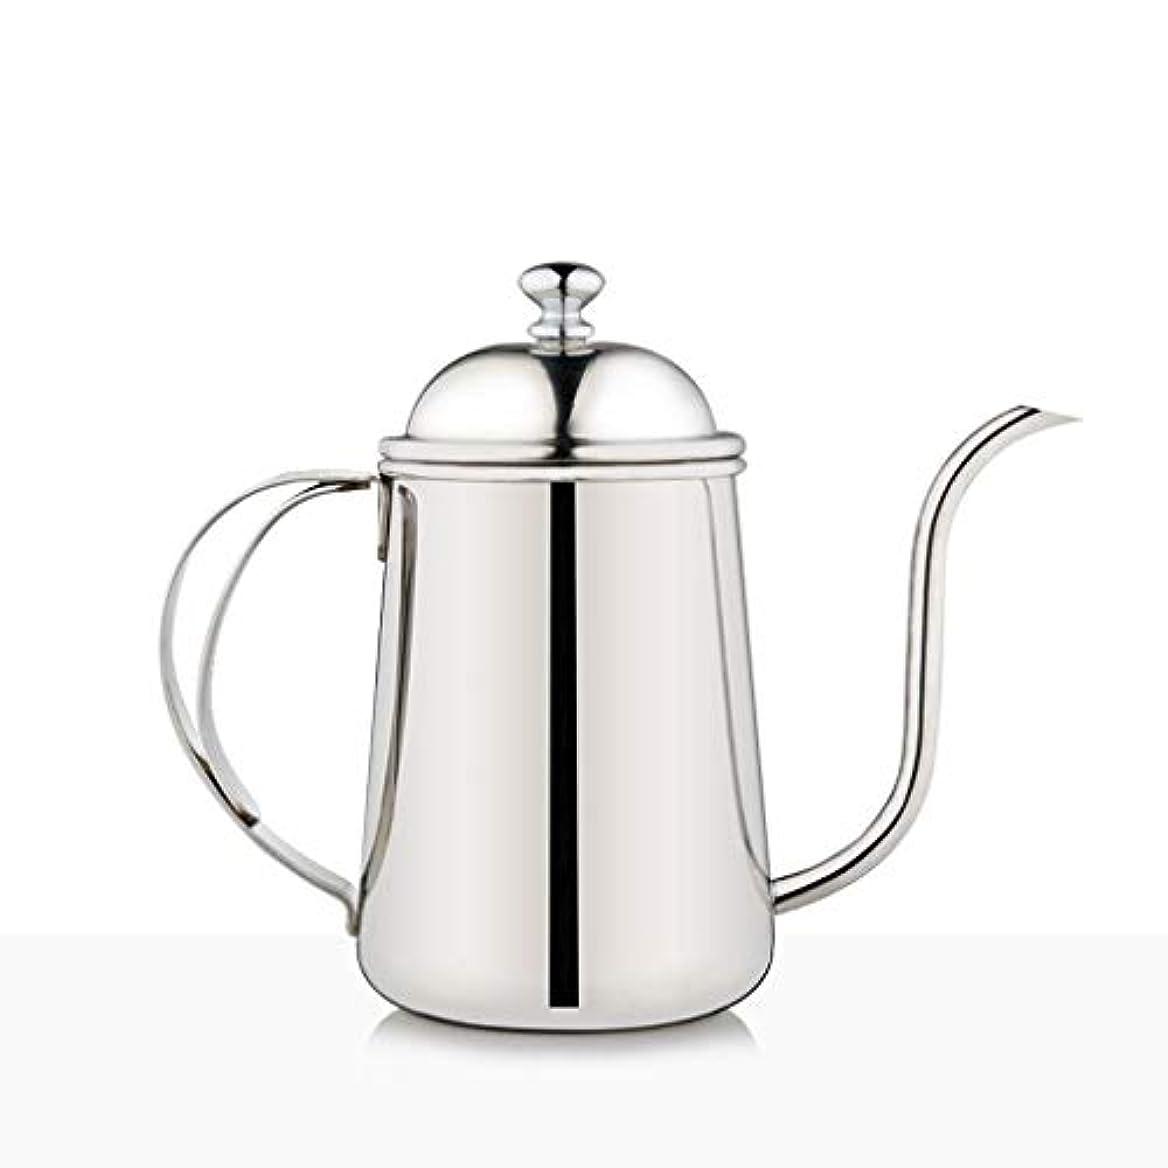 議題バルコニーバンジョーZSQHD ハンドコーヒーメーカー、ファインマウスポット、ステンレススチール家庭用ロング口ドリップコーヒーメーカー (色 : シルバー しるば゜)